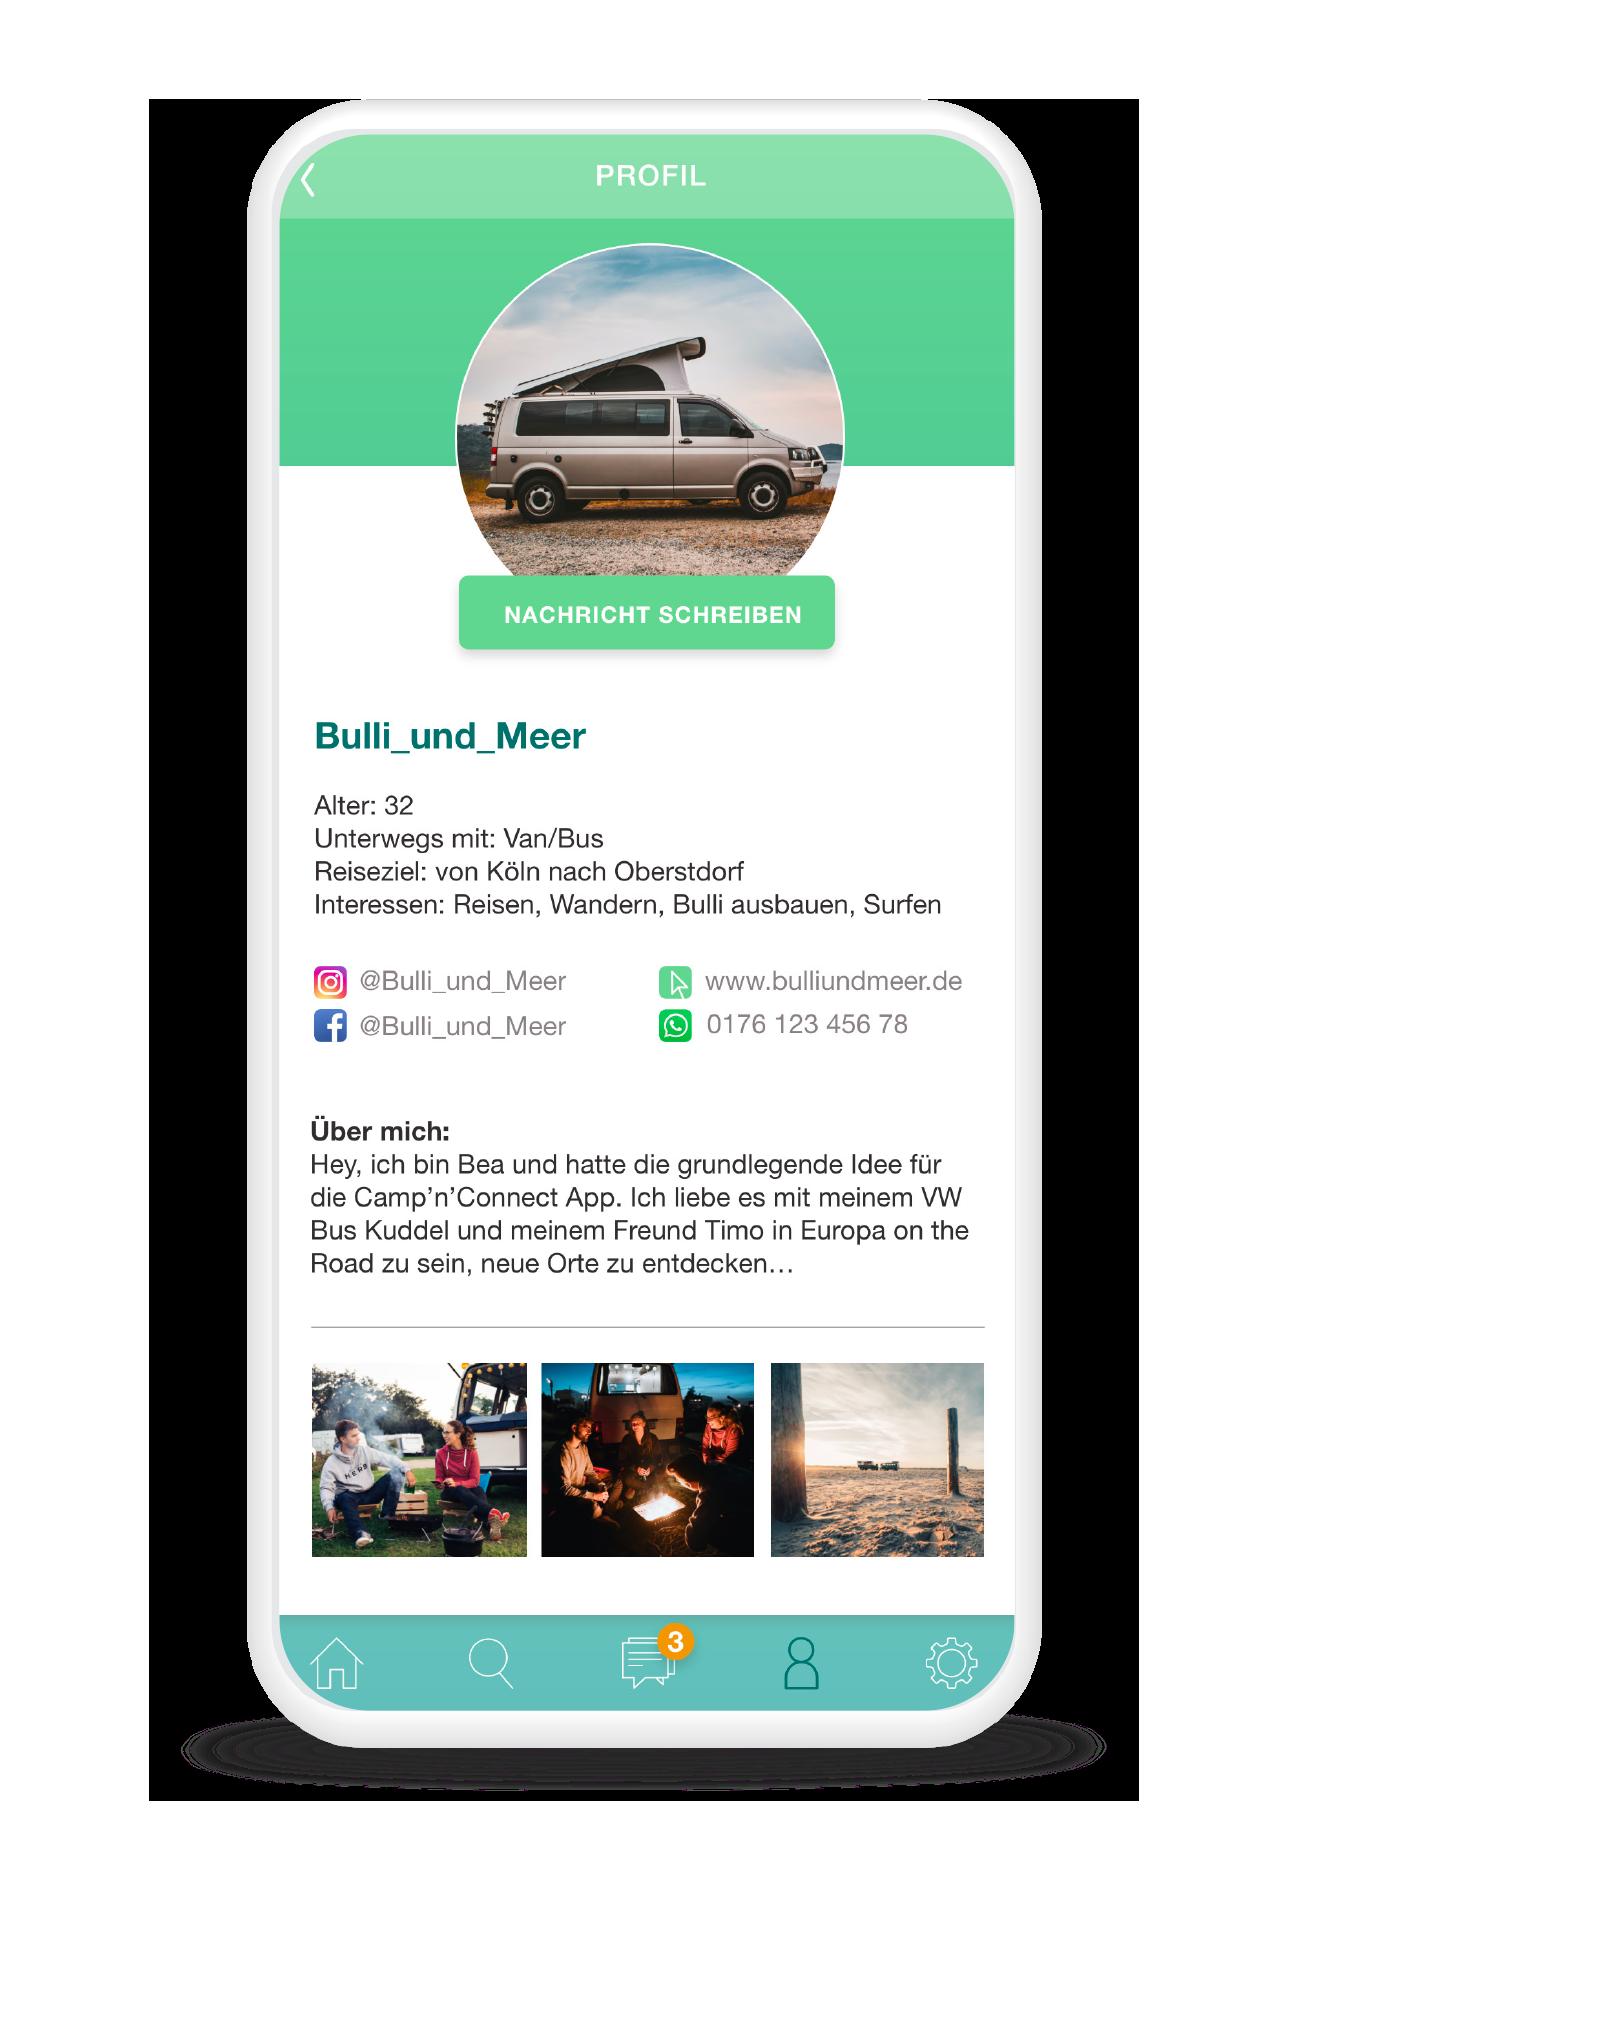 Profilansicht der Acmp'n'Connect App - Du bestimmst, was andere sehen